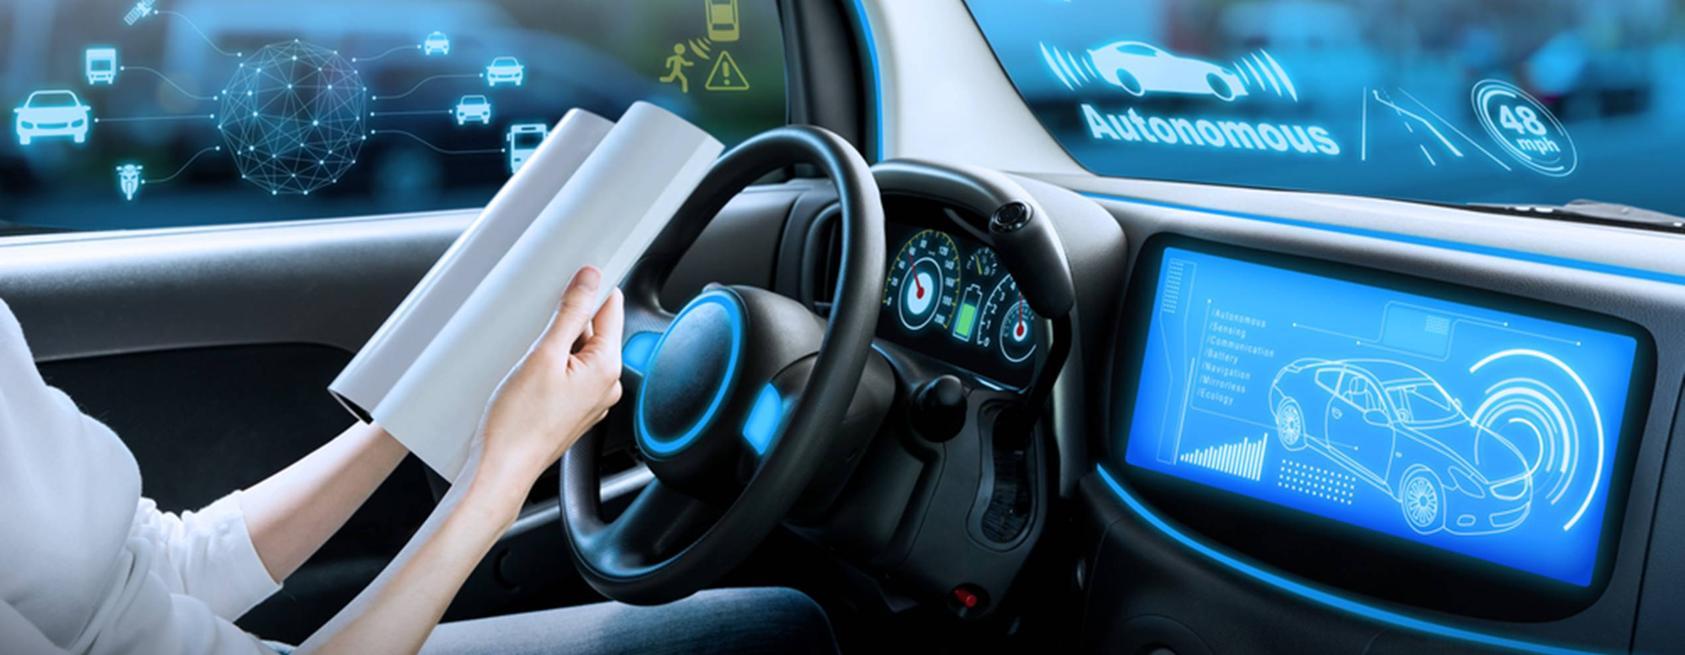 ¿Dónde probamos los coches autónomos?